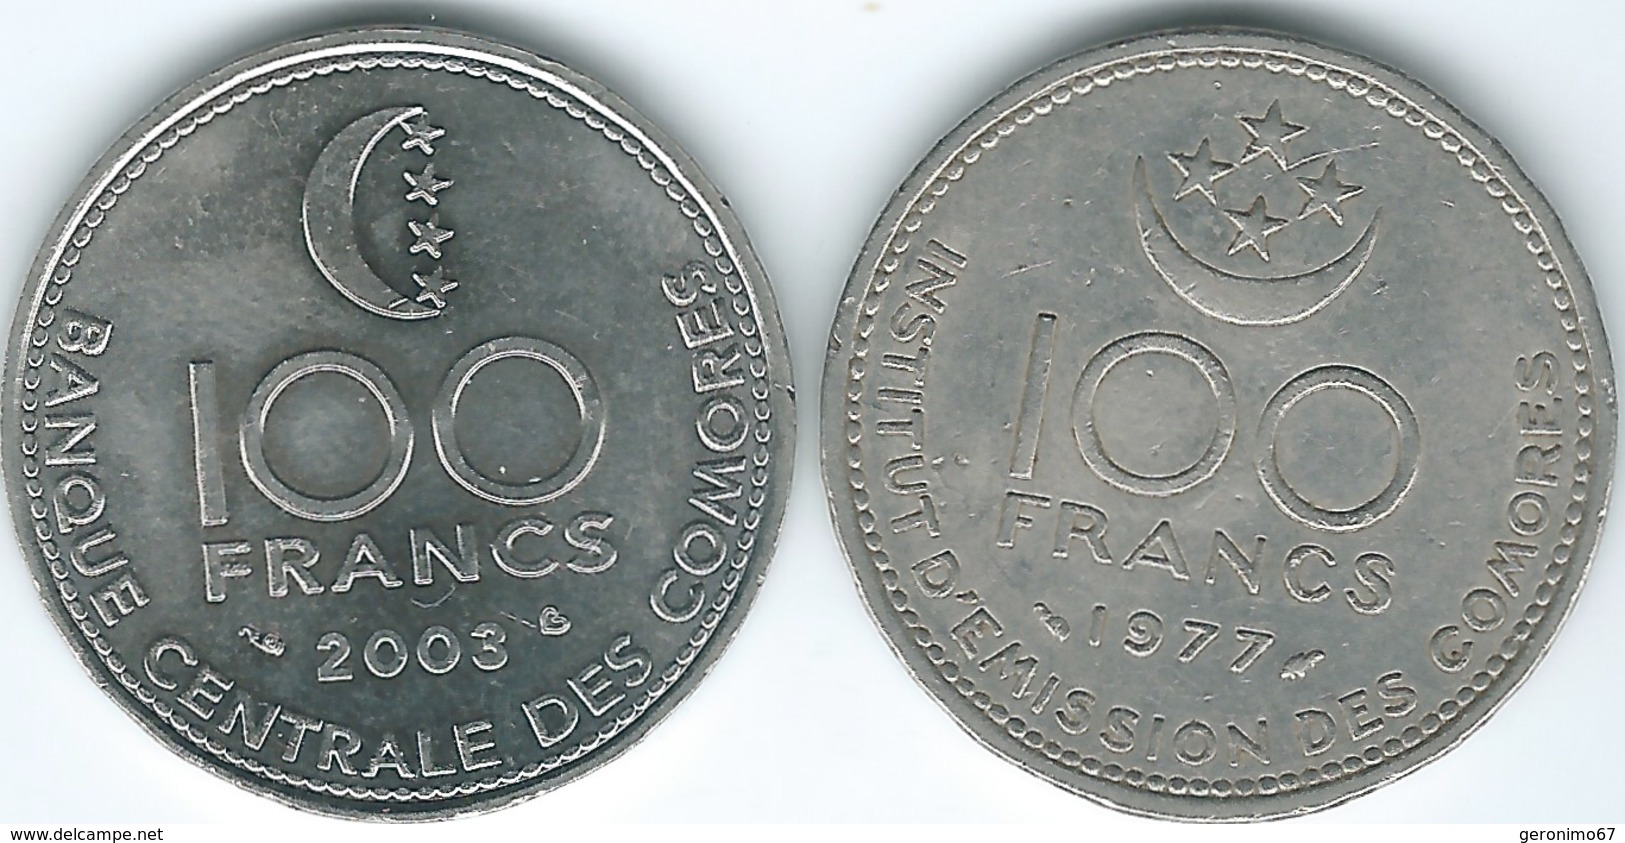 Comoros - 1977 - 100 Francs (KM13) & 2003 (KM18) - Comoros